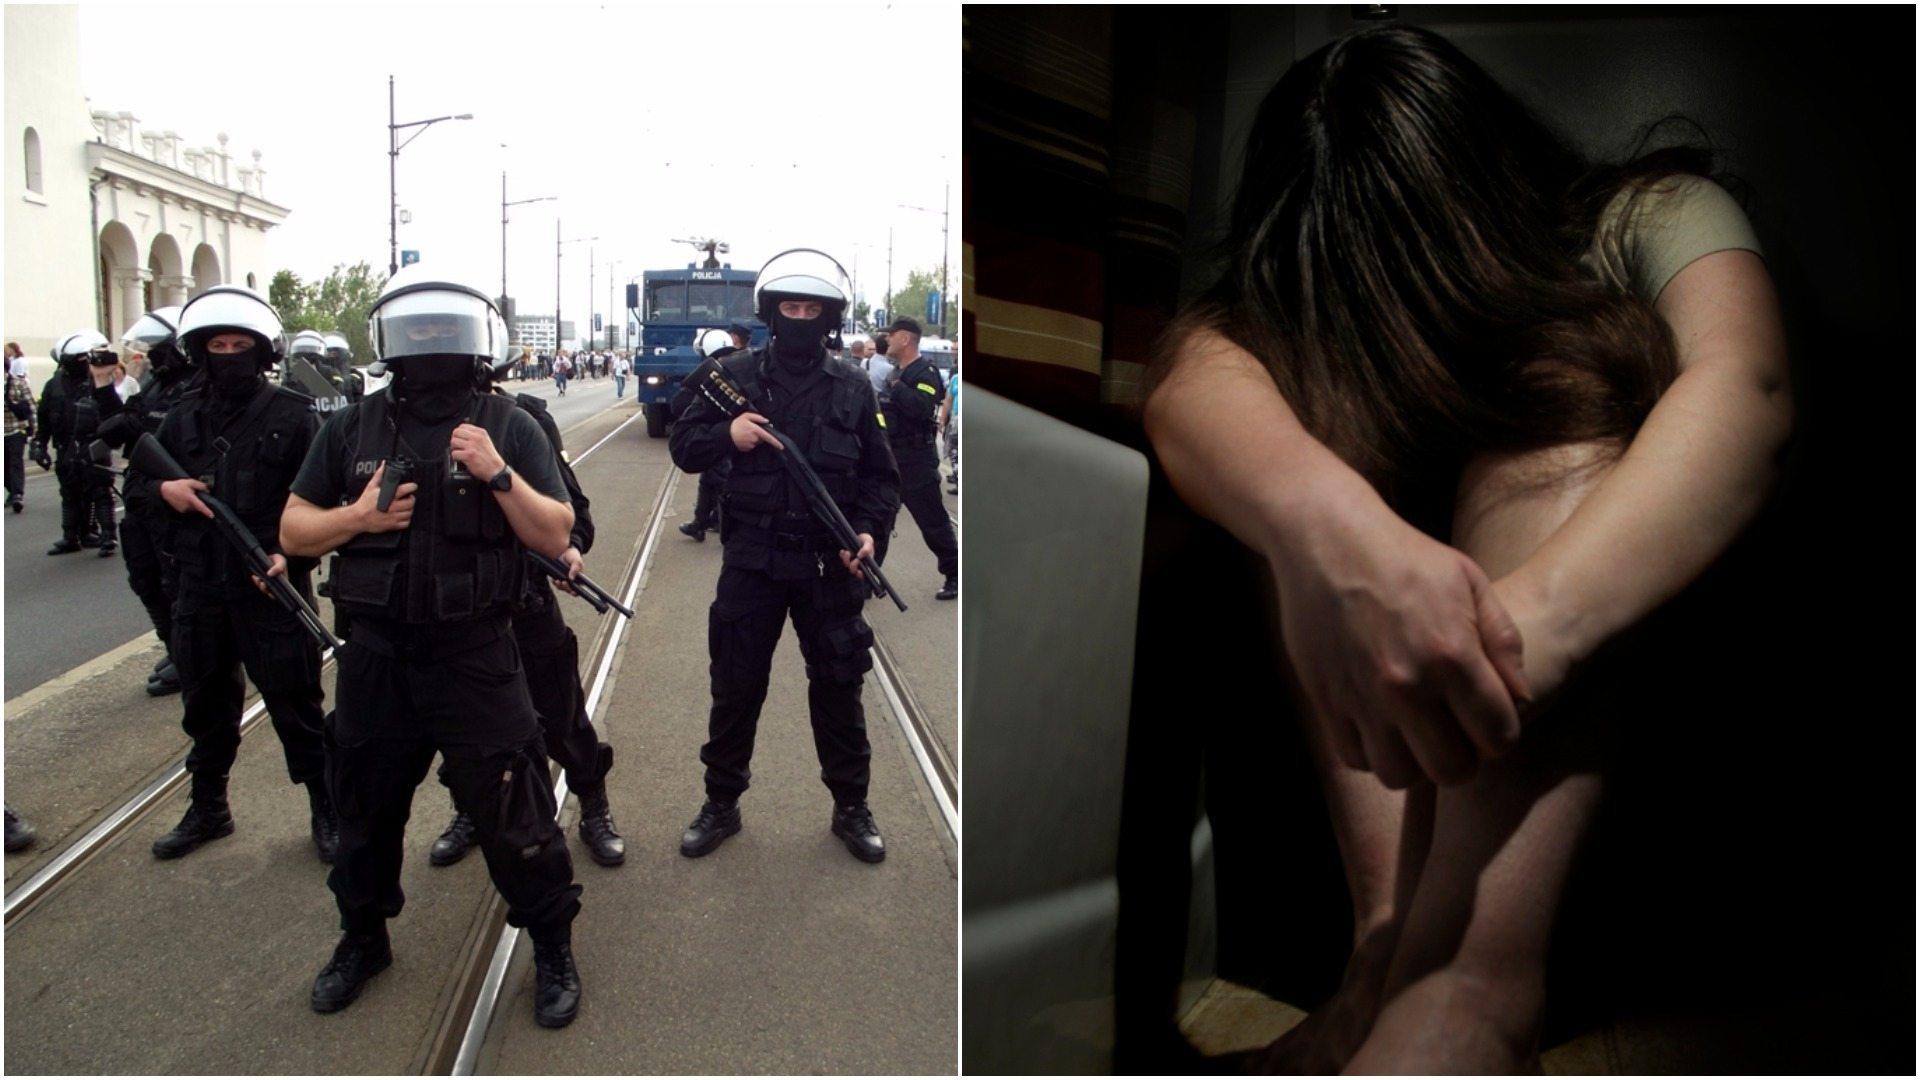 Mobbing, molestowanie, próby samobójcze. Rzeczywistość polskiej policji